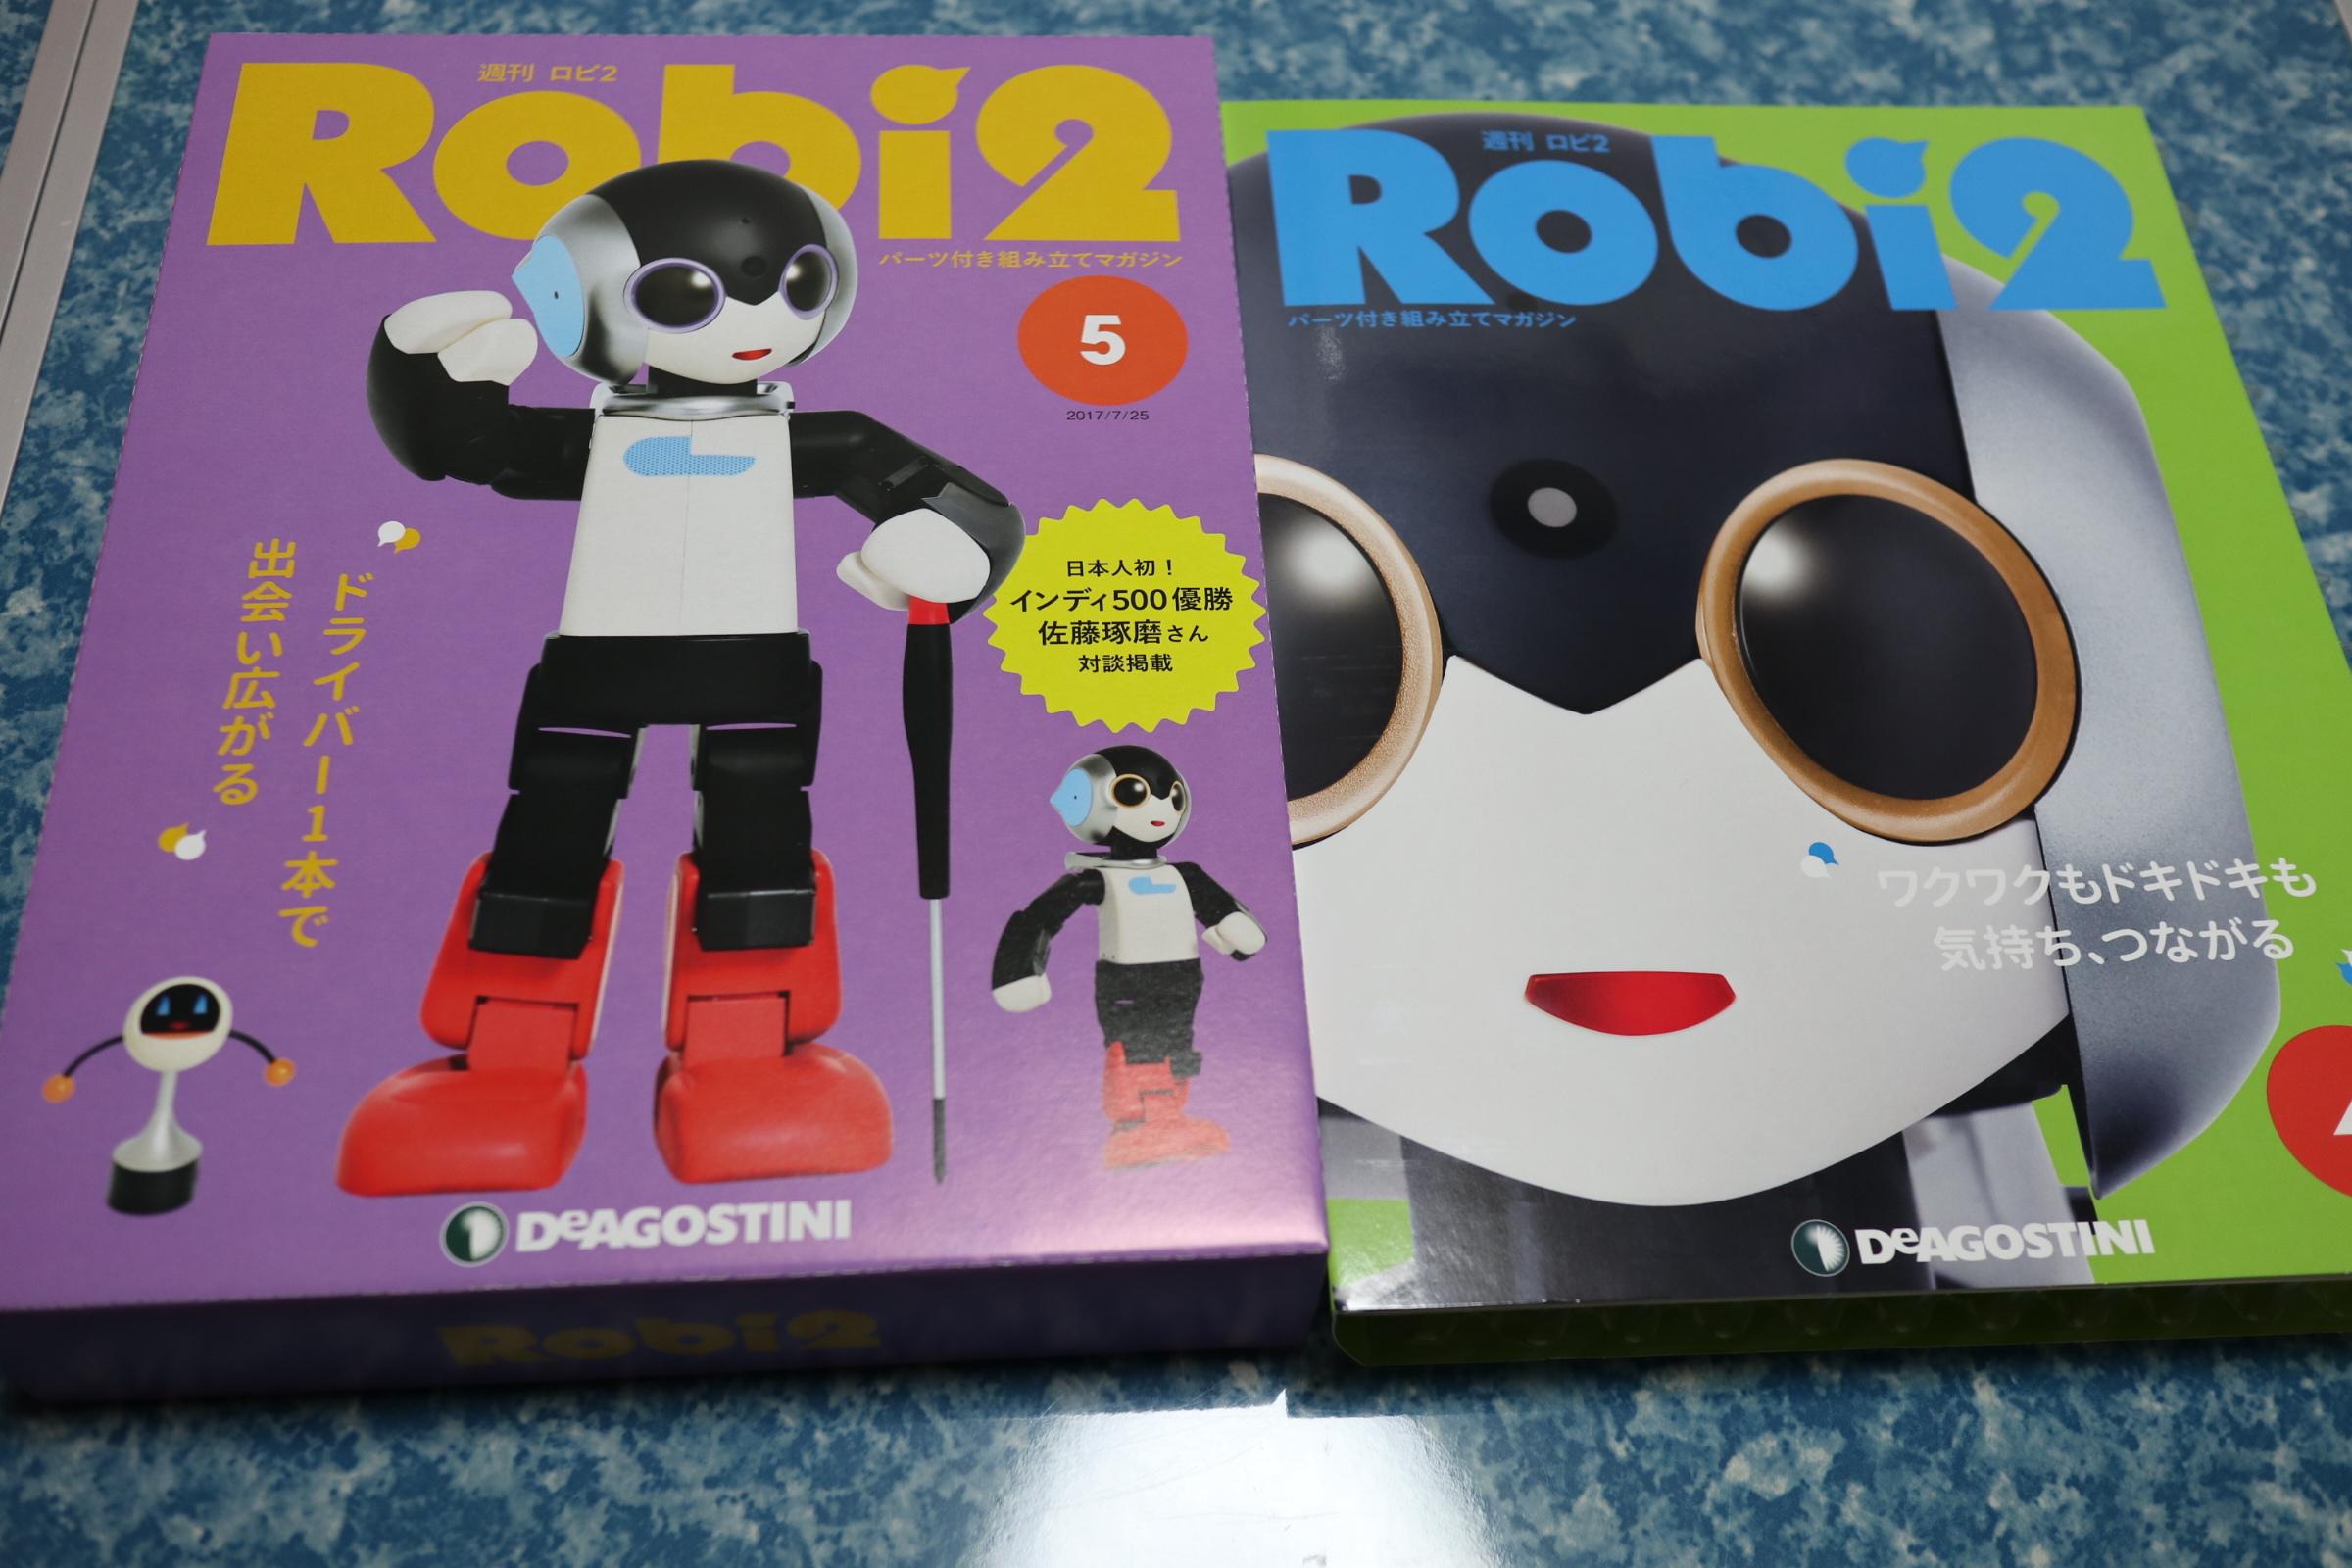 2017年ロビ4号5号-03